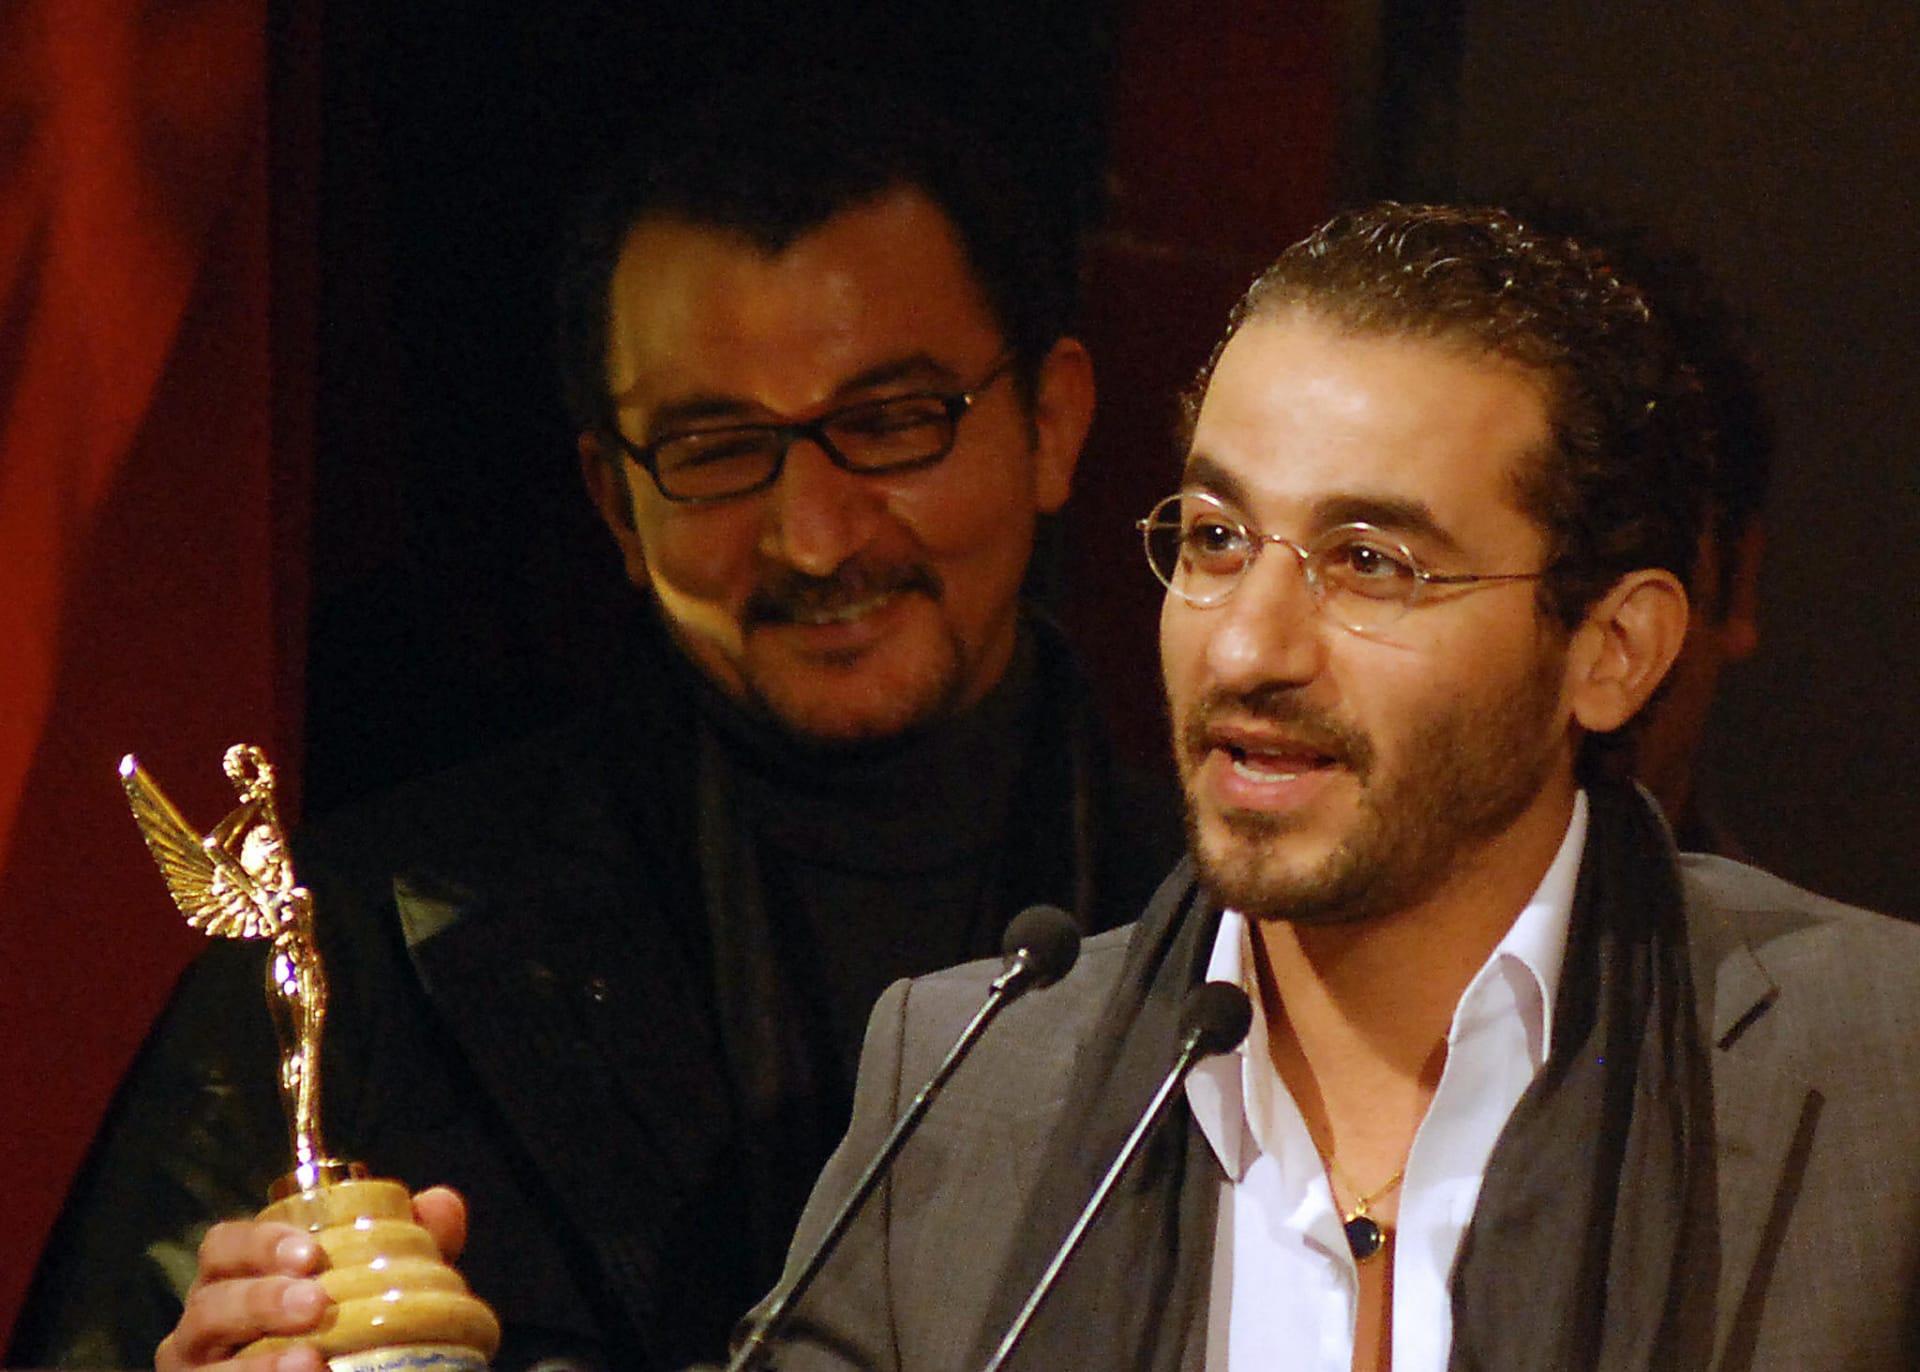 أحمد حلمي يستعير صوت حسن شاكوش... فهل سيشاركه في فيلمه المقبل؟